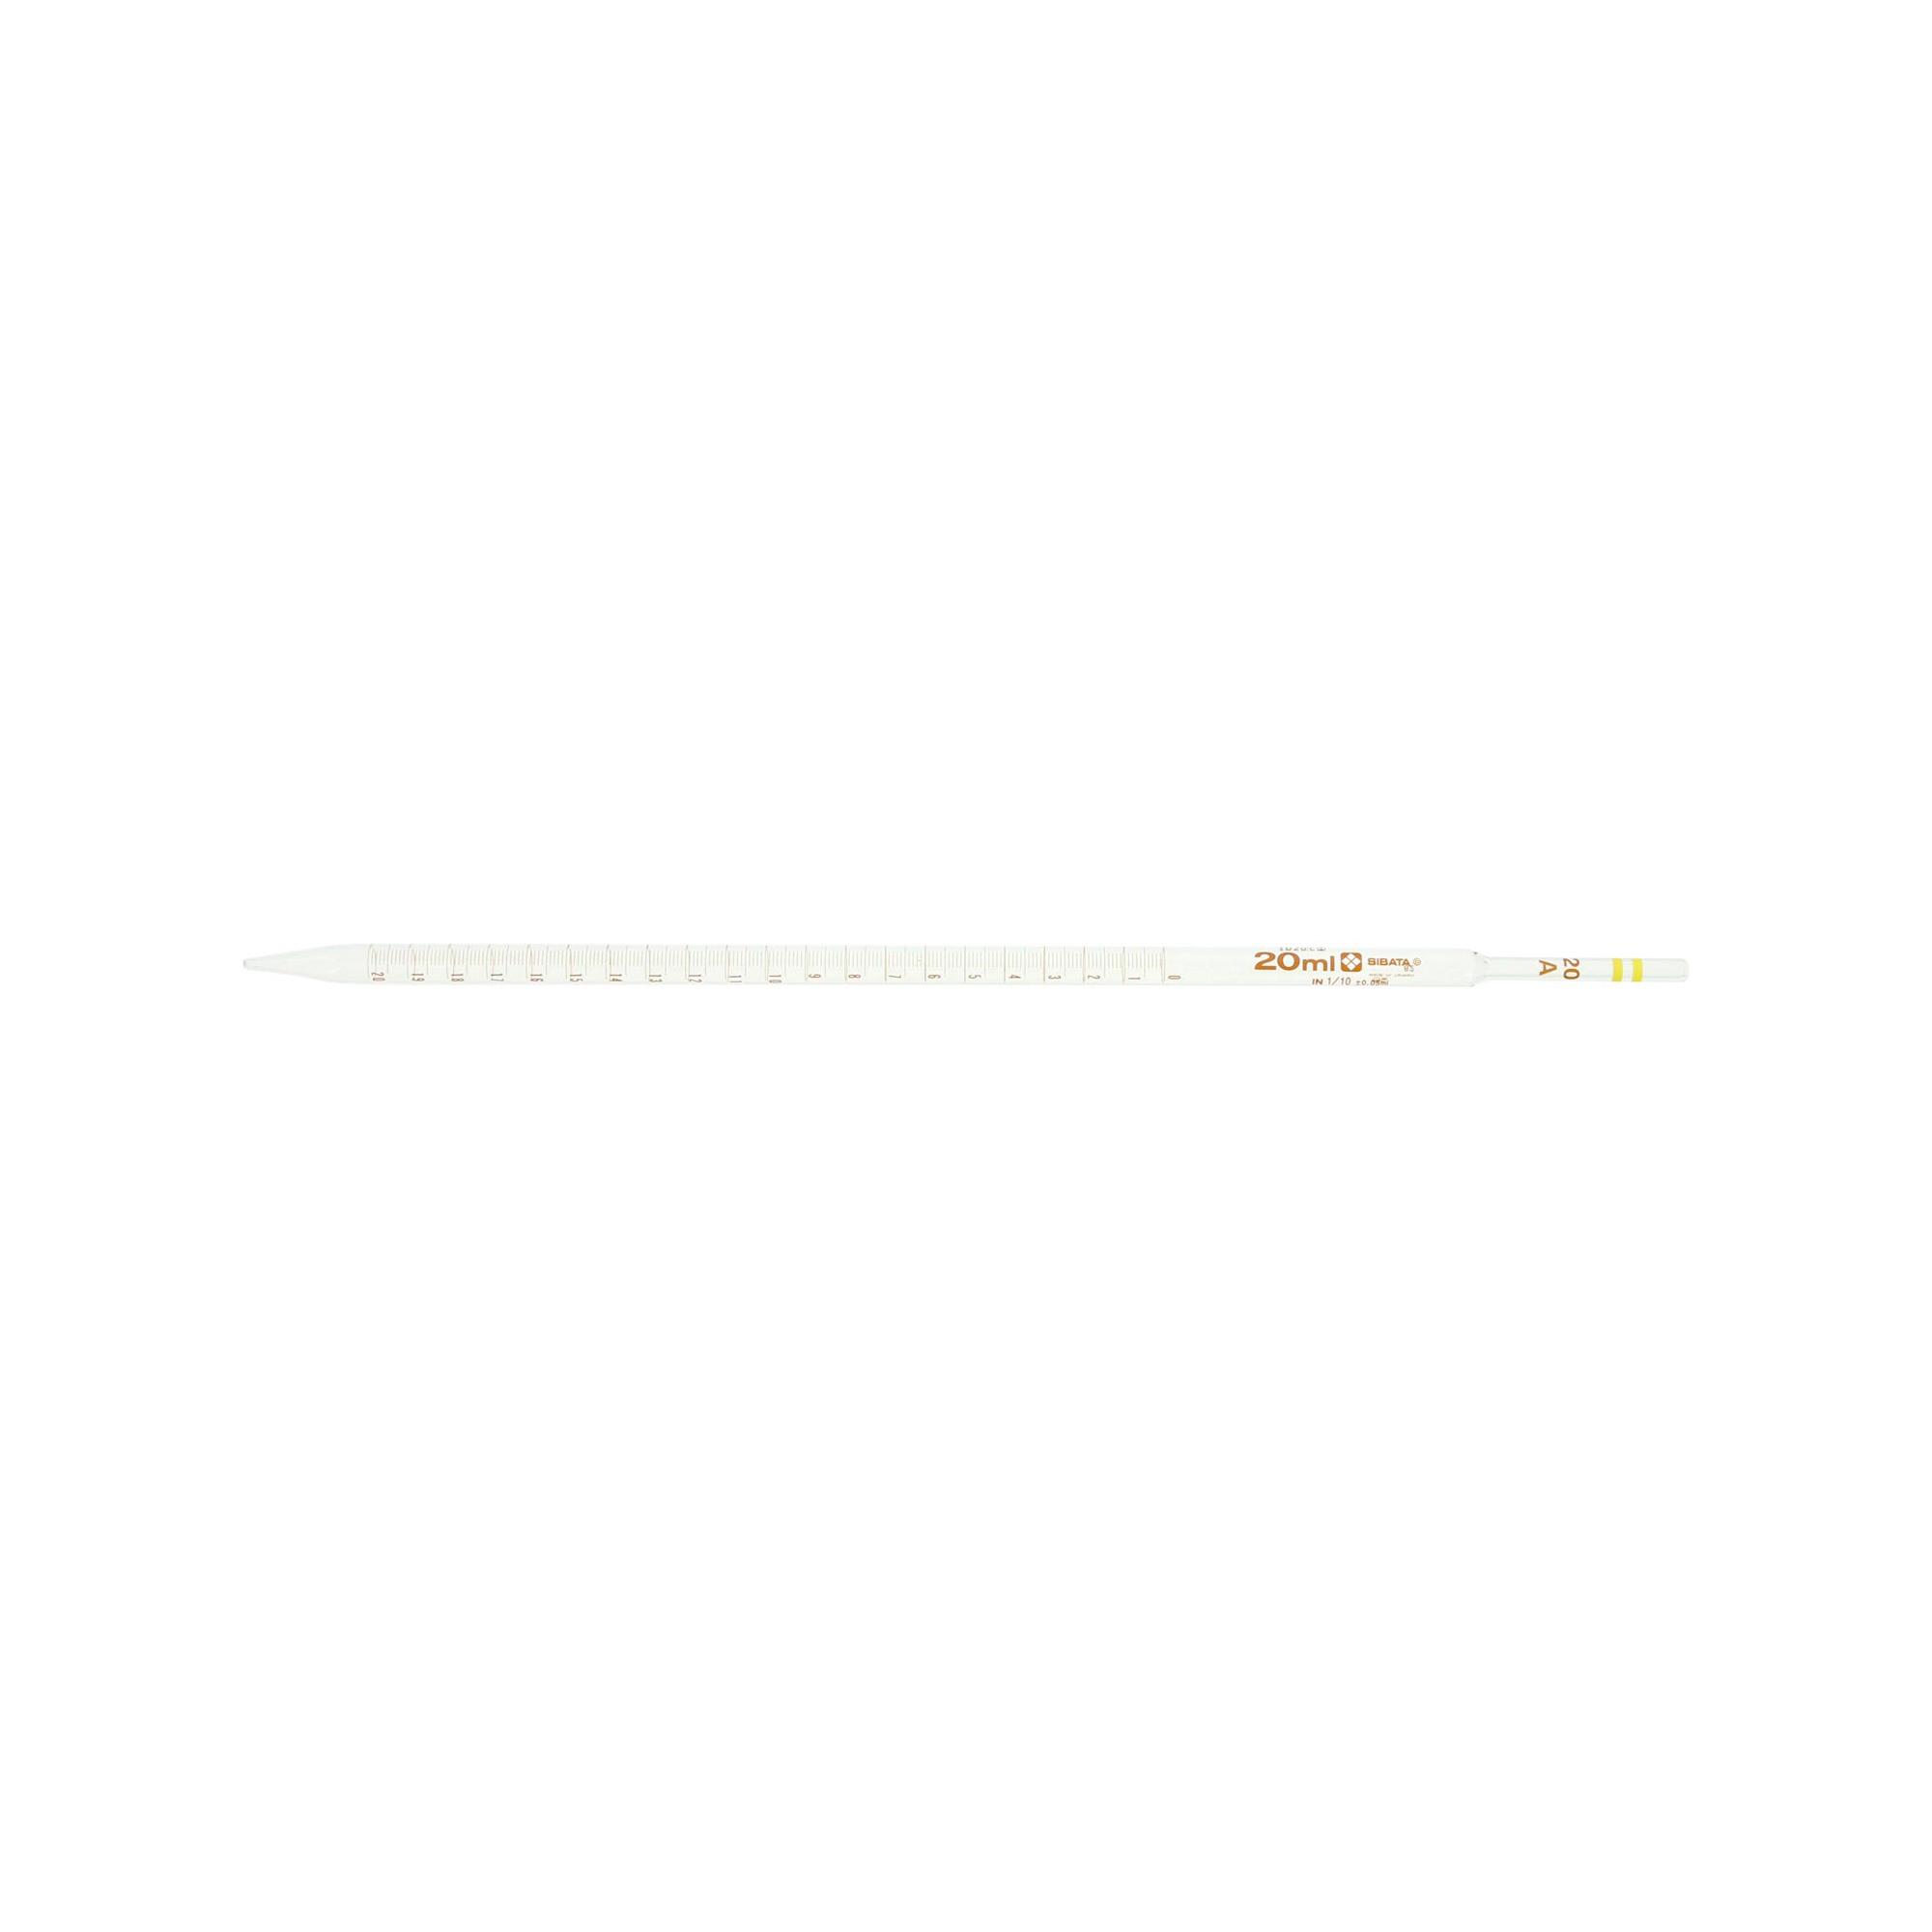 メスピペット 中間目盛 カラーコード付 スーパーグレード 20mL (10本)